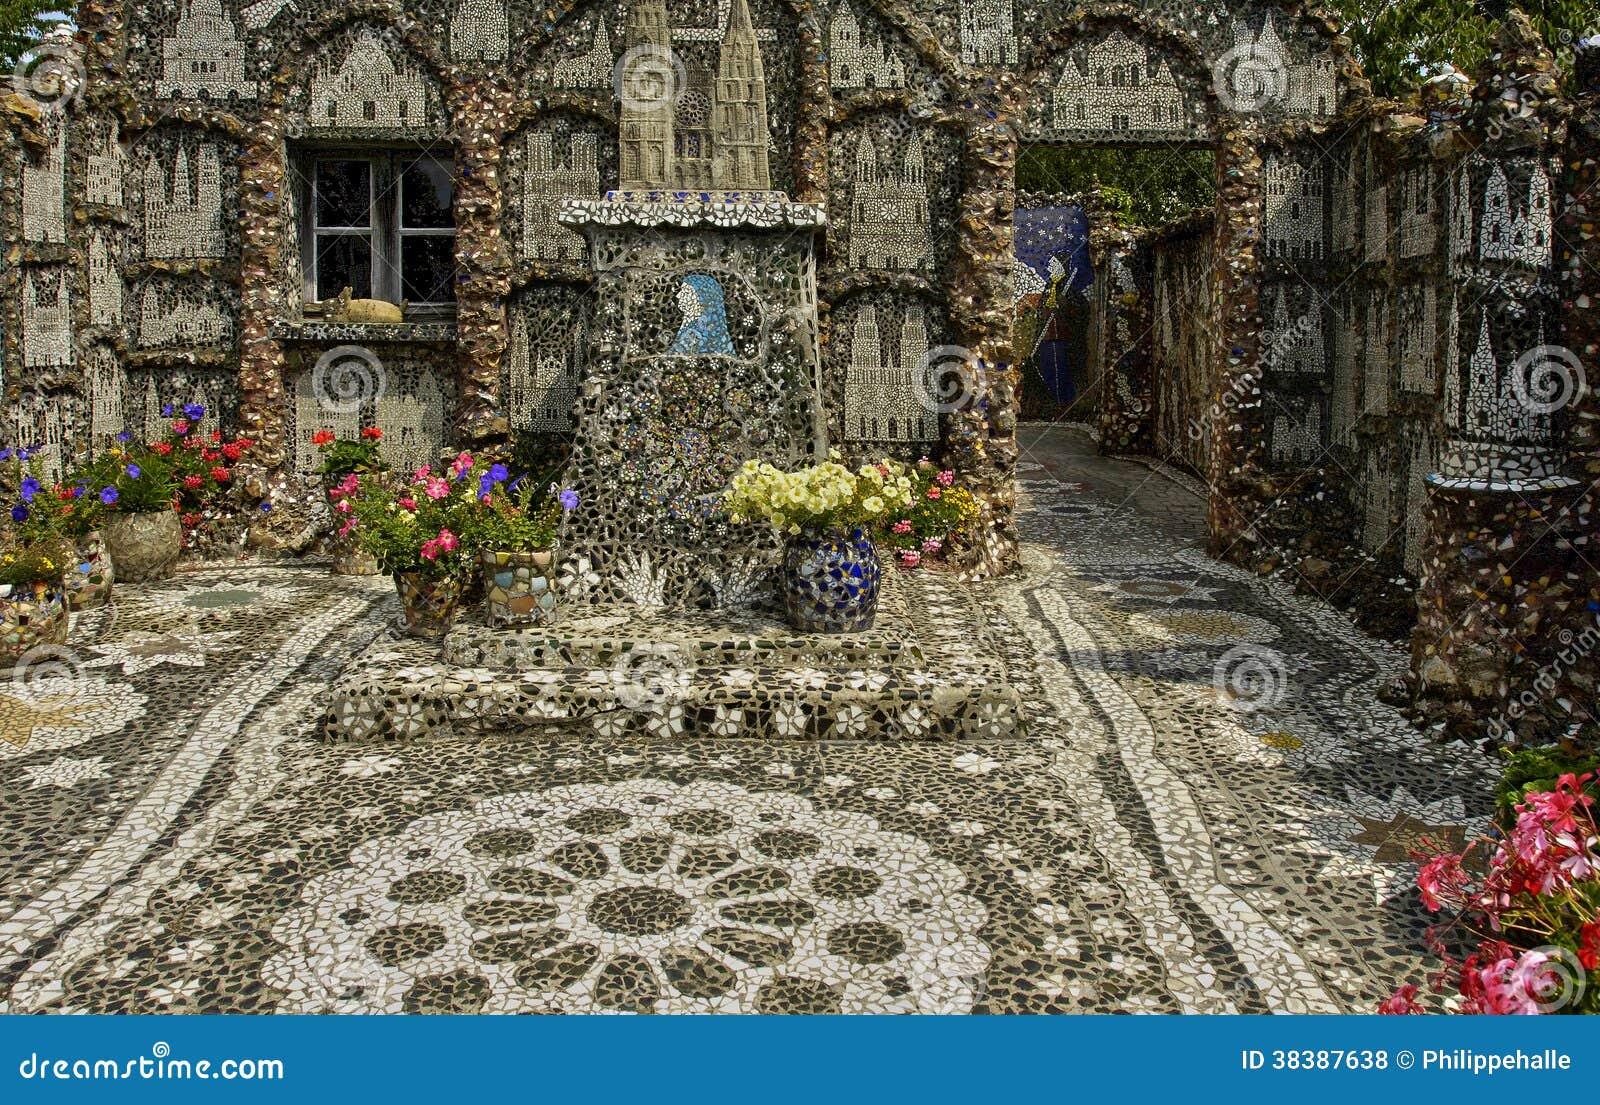 La maison picassiette an old earthenware mosaic in for Accouchement difficile a la maison